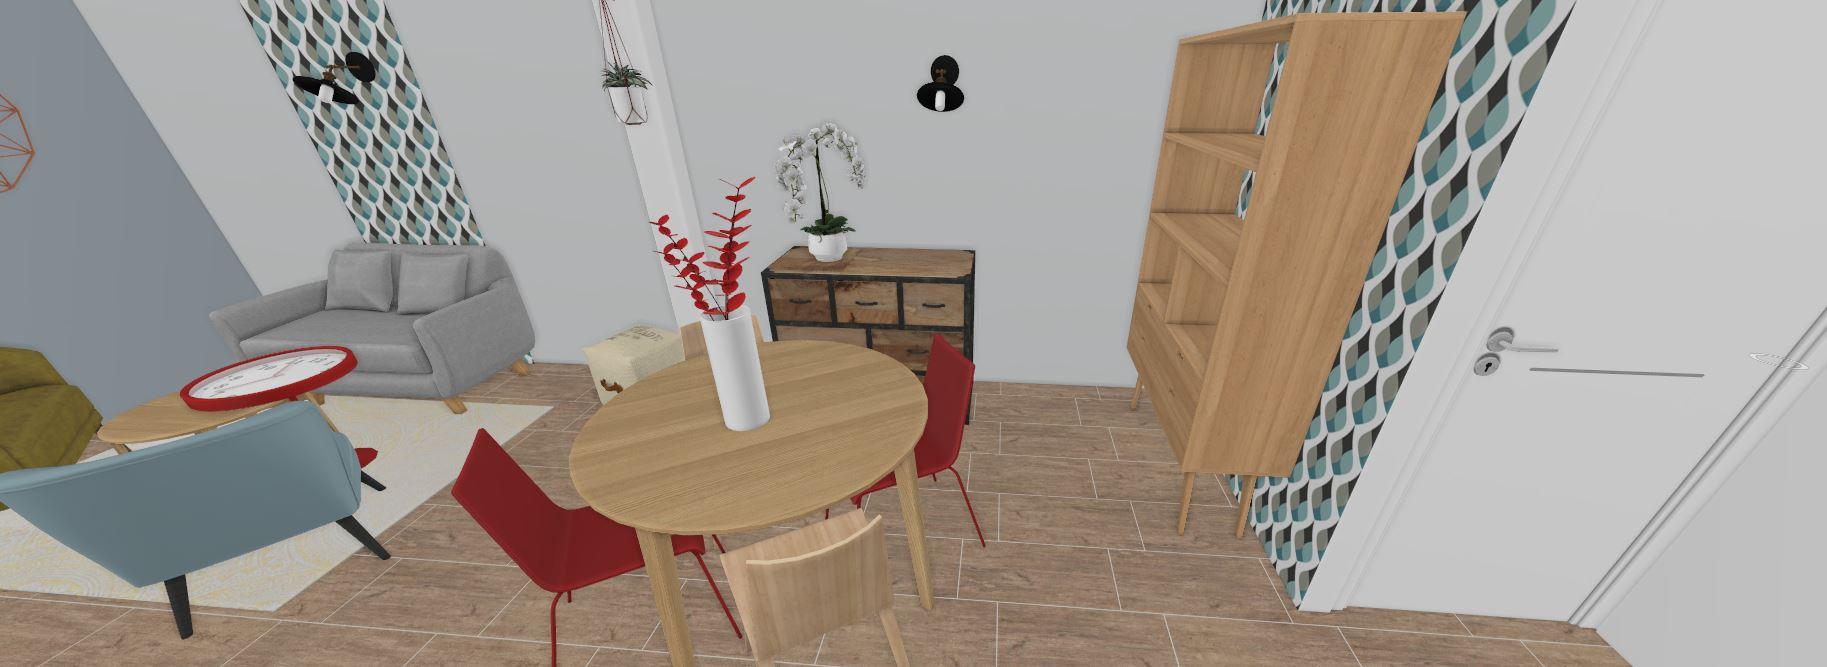 intérieur_salon_2